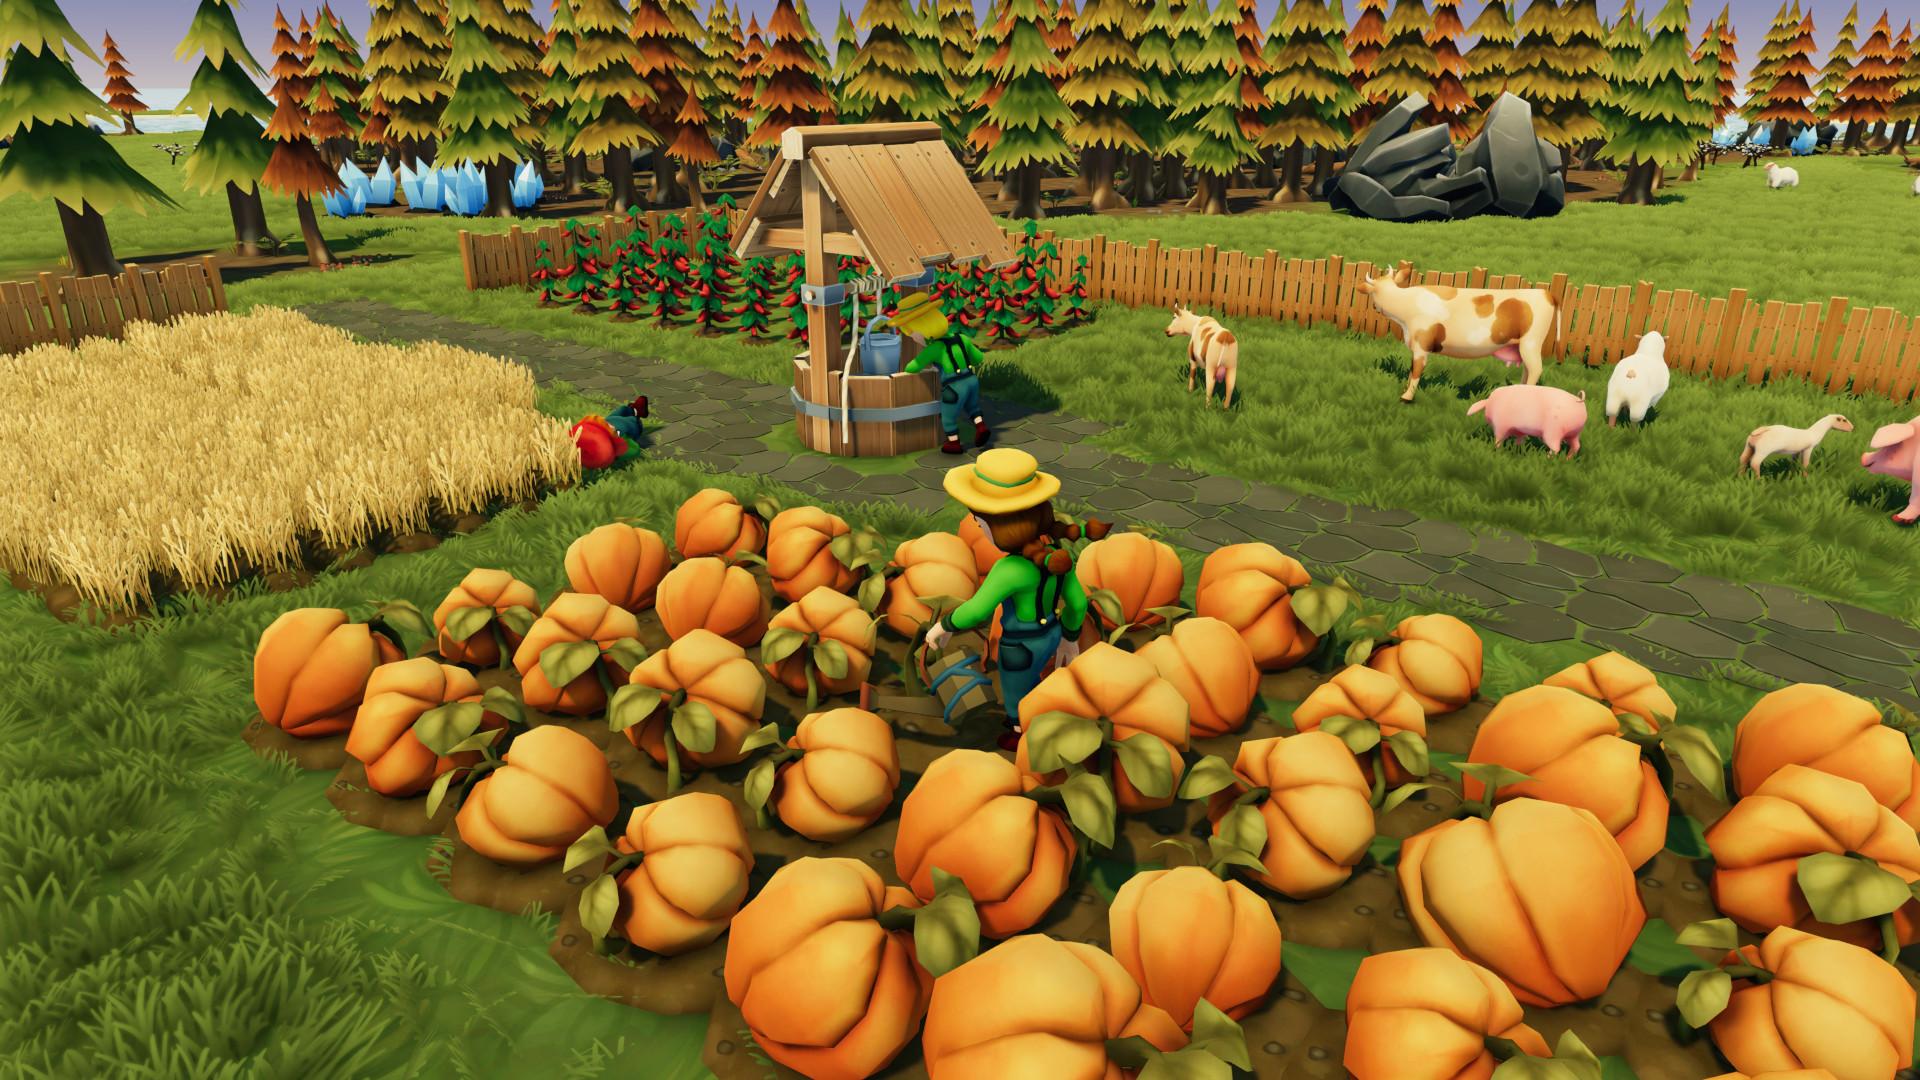 模拟经营游戏《开拓者的财富》Steam新史低促销 仅售59元